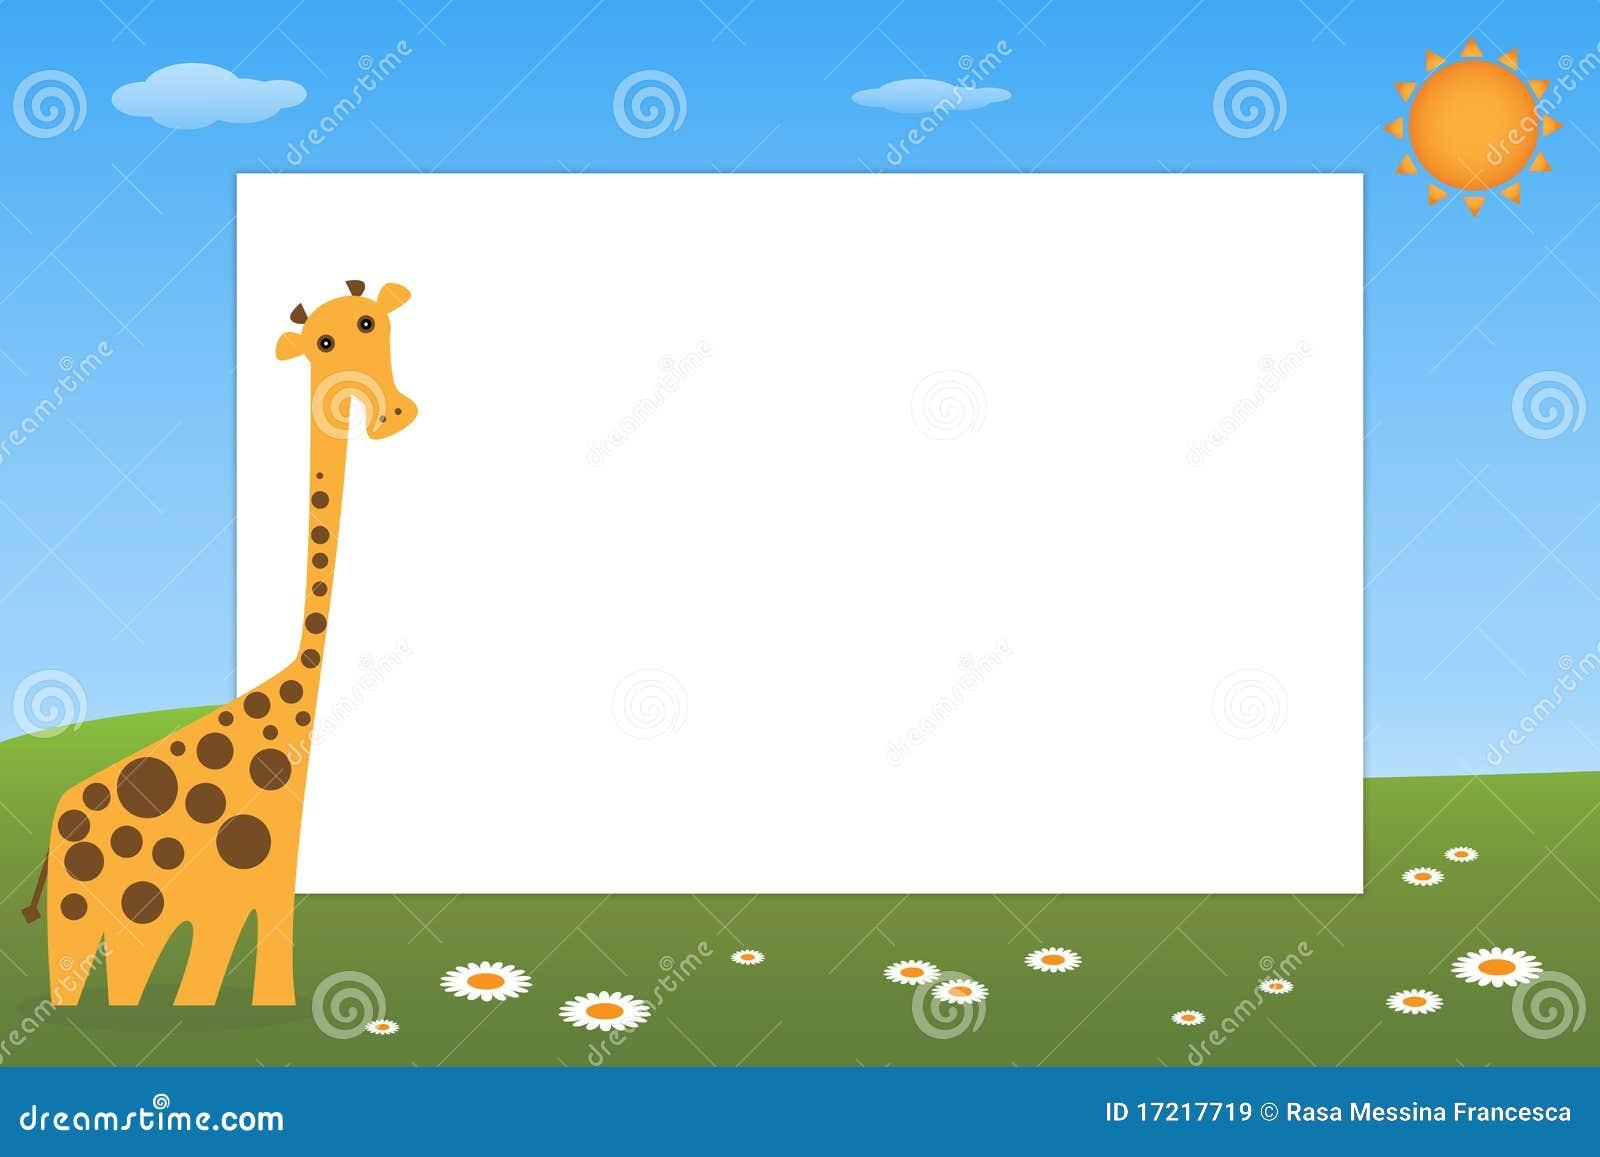 Marco del cabrito - jirafa ilustración del vector. Ilustración de ...